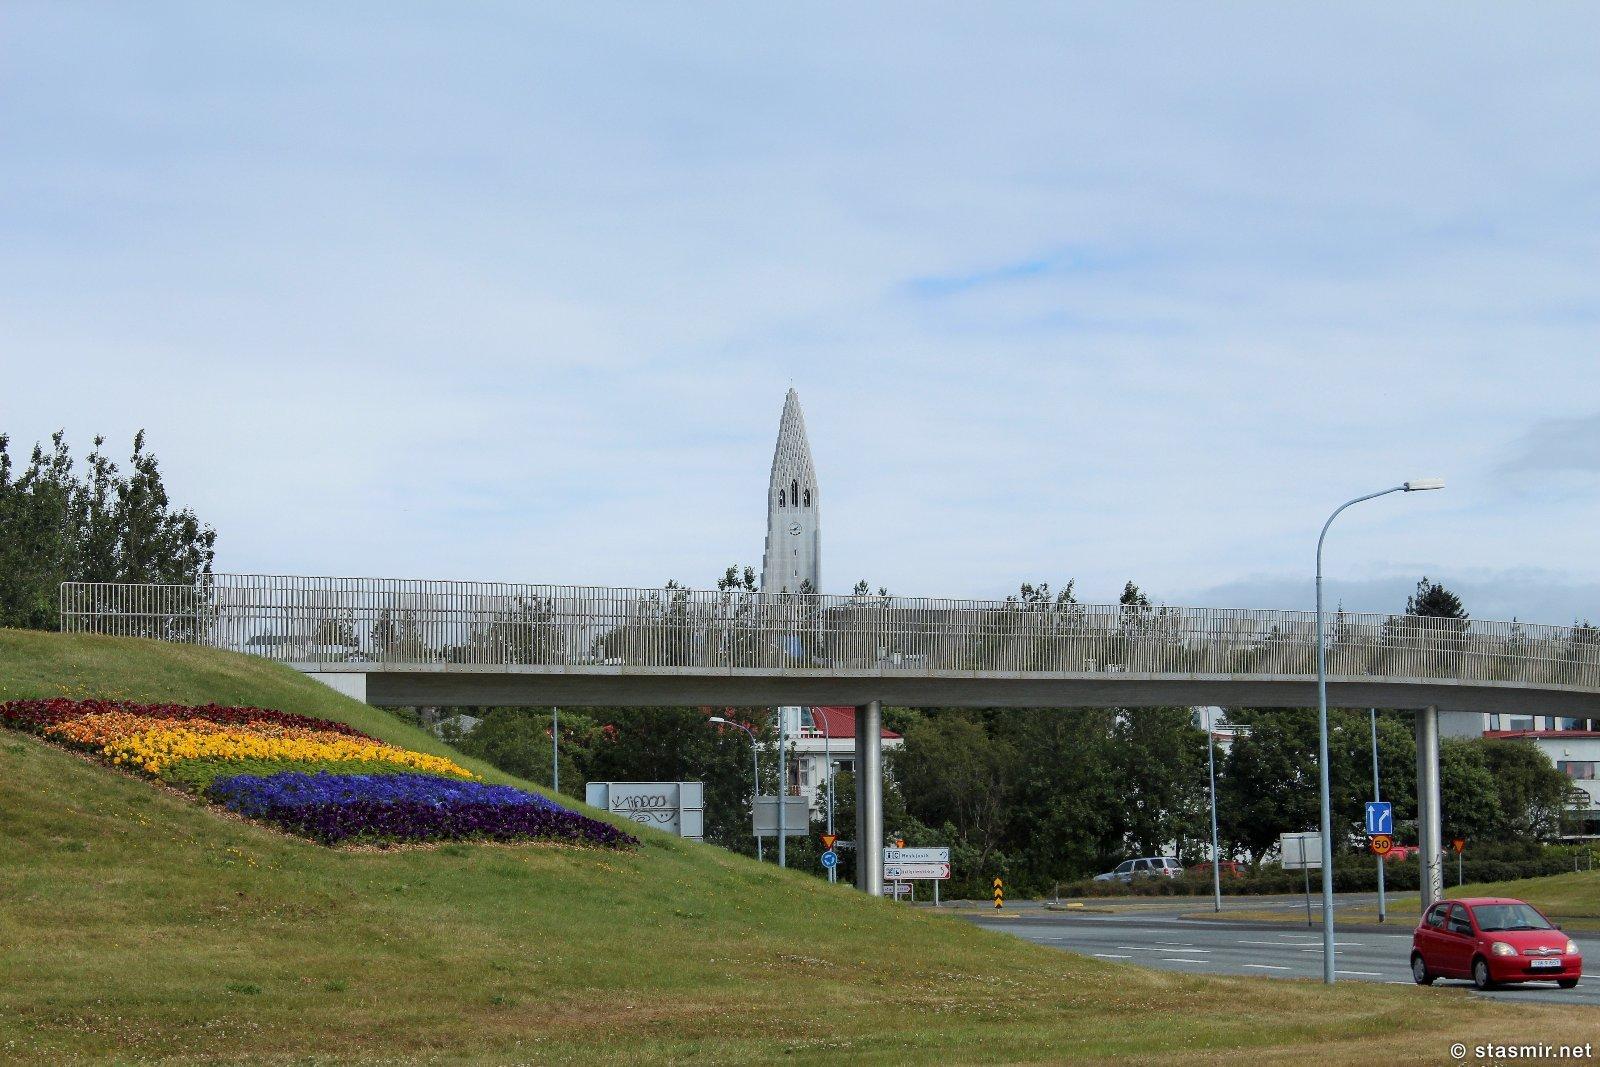 Hallgrímskirkja, Хадльгримскиркья_ Reykjavik, Iceland, Рейкьявик, Исландия, центр Рейкьявика, гей-прайд в Исландии, исландская столица, равноправие в Исландии, равенство полов в Исландии, исландские города, Photo Stasmir